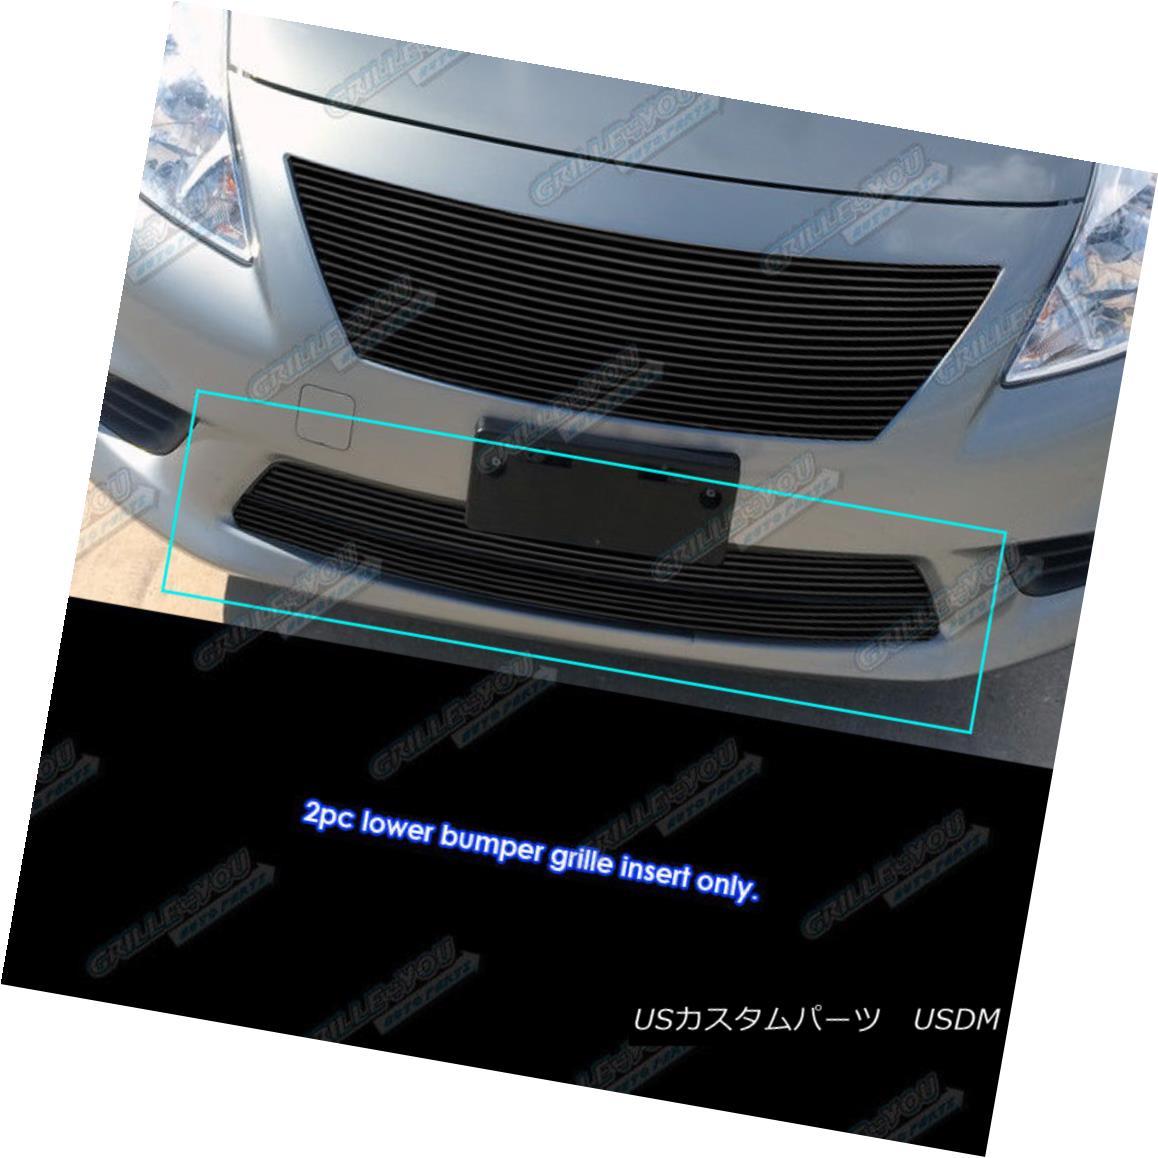 グリル Fits 2012-2014 Nissan Versa Sedan Black Lower Bumper Billet Grille Insert フィット2012-2014ニッサンベルサセダンブラックロワーバンパービレットグリルインサート